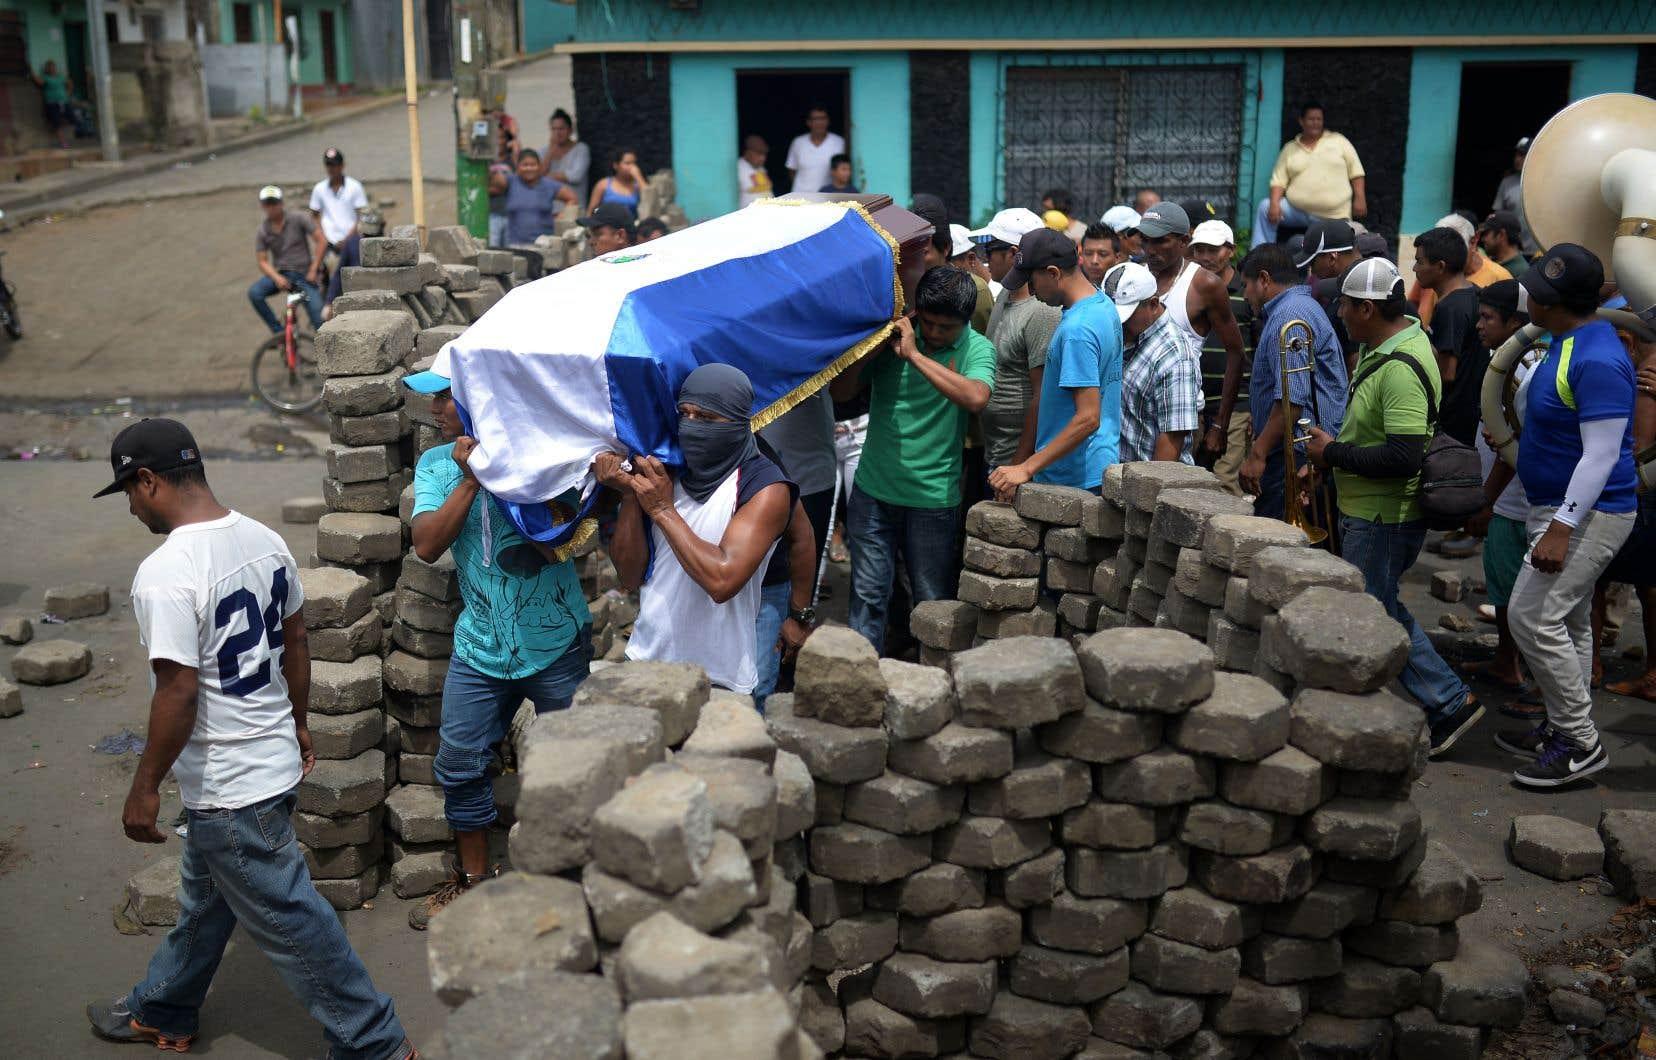 Des manifestations violemment réprimées ont fait des centaines de morts, comme ici à Masaya.